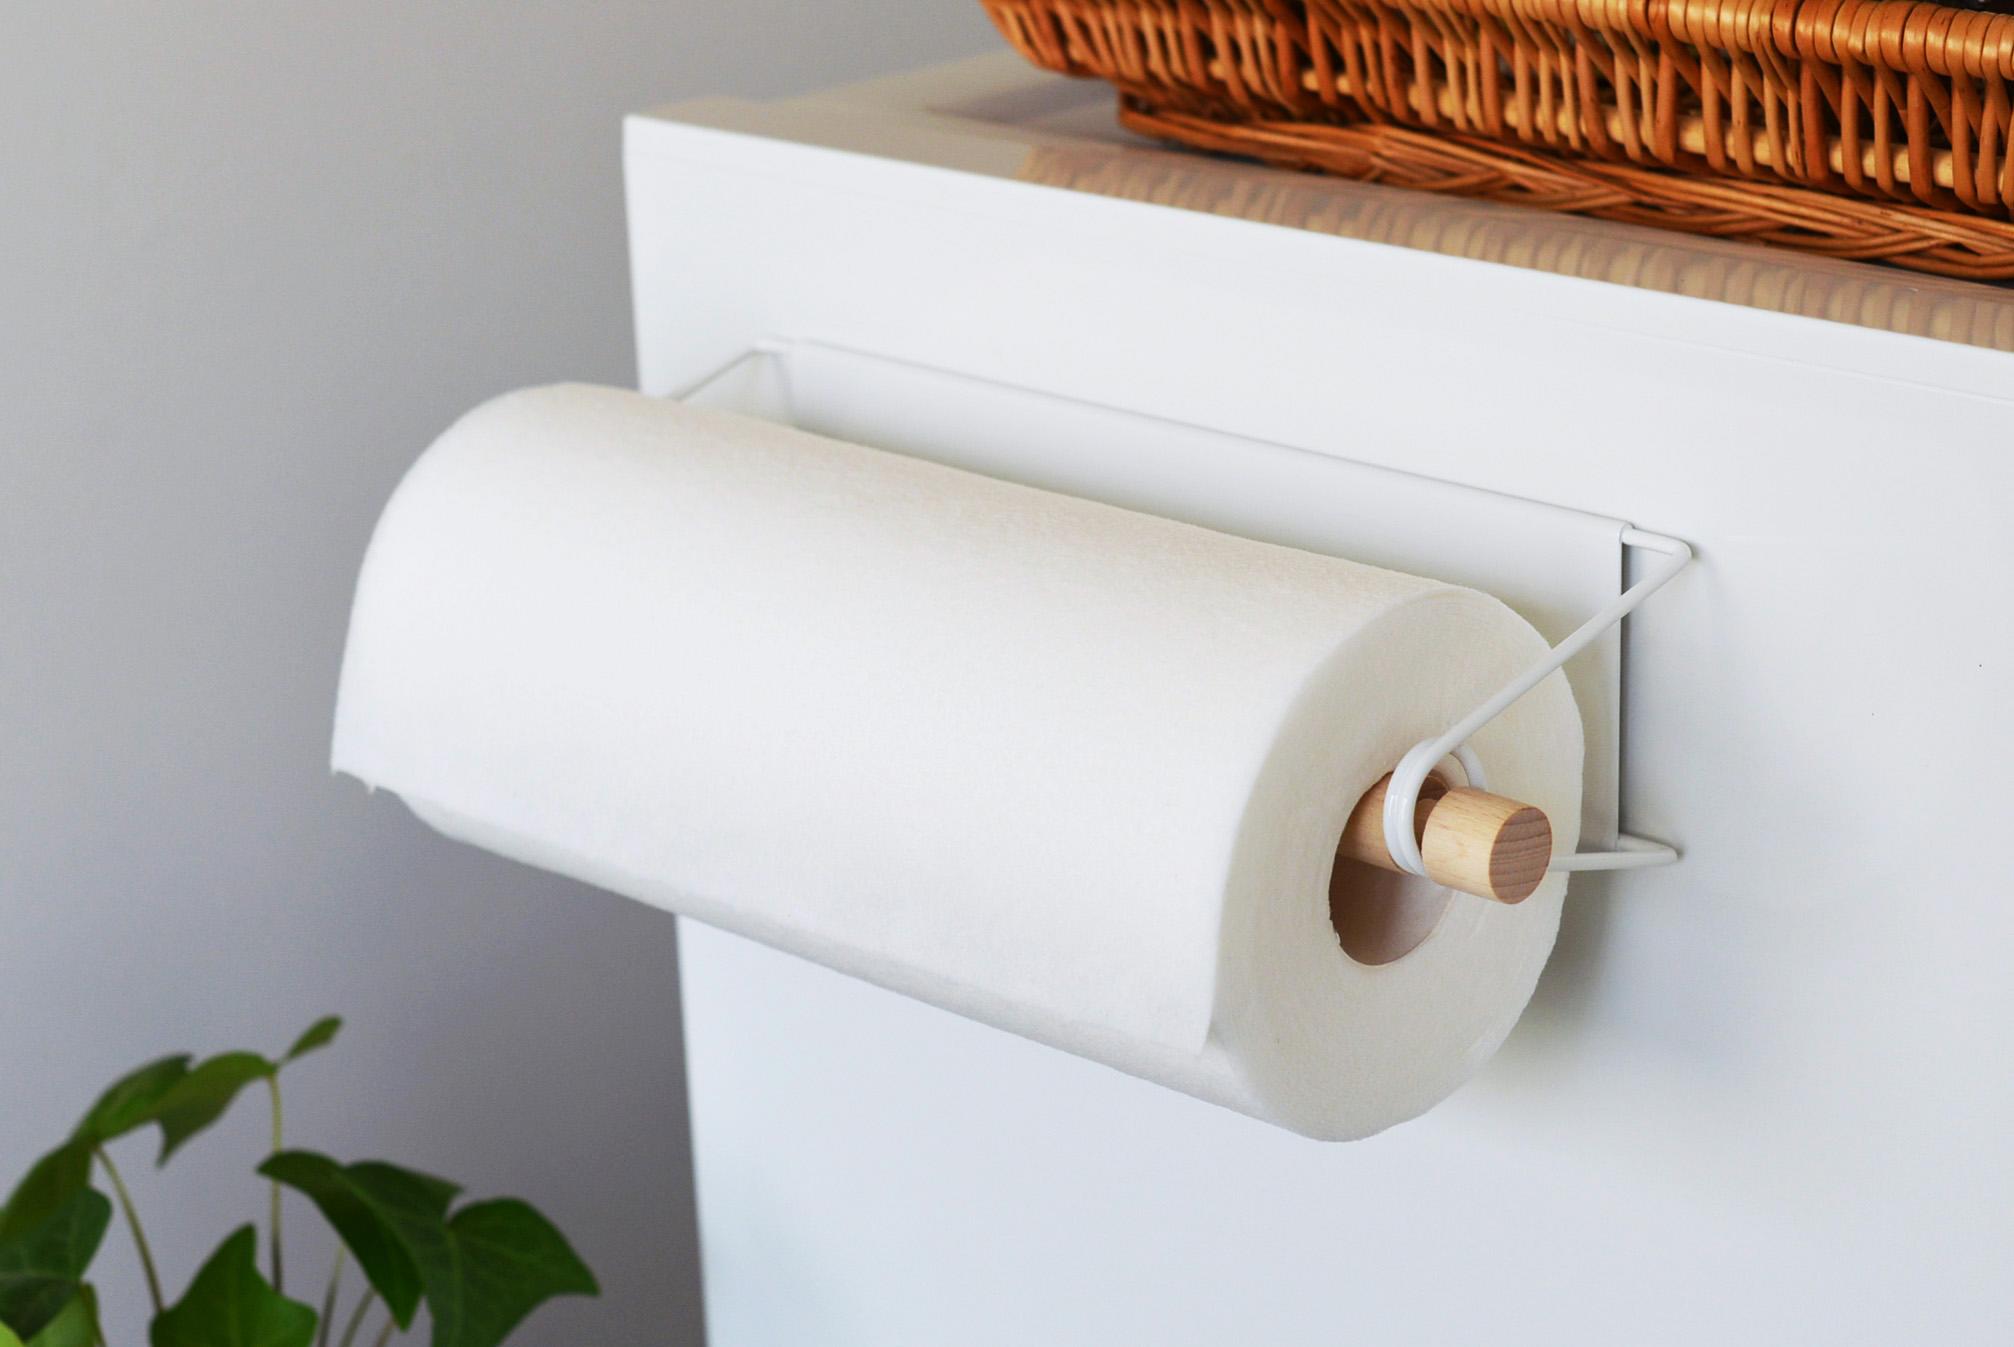 キッチンペーパー がない!家にあるもので代用できるってホント?のサムネイル画像